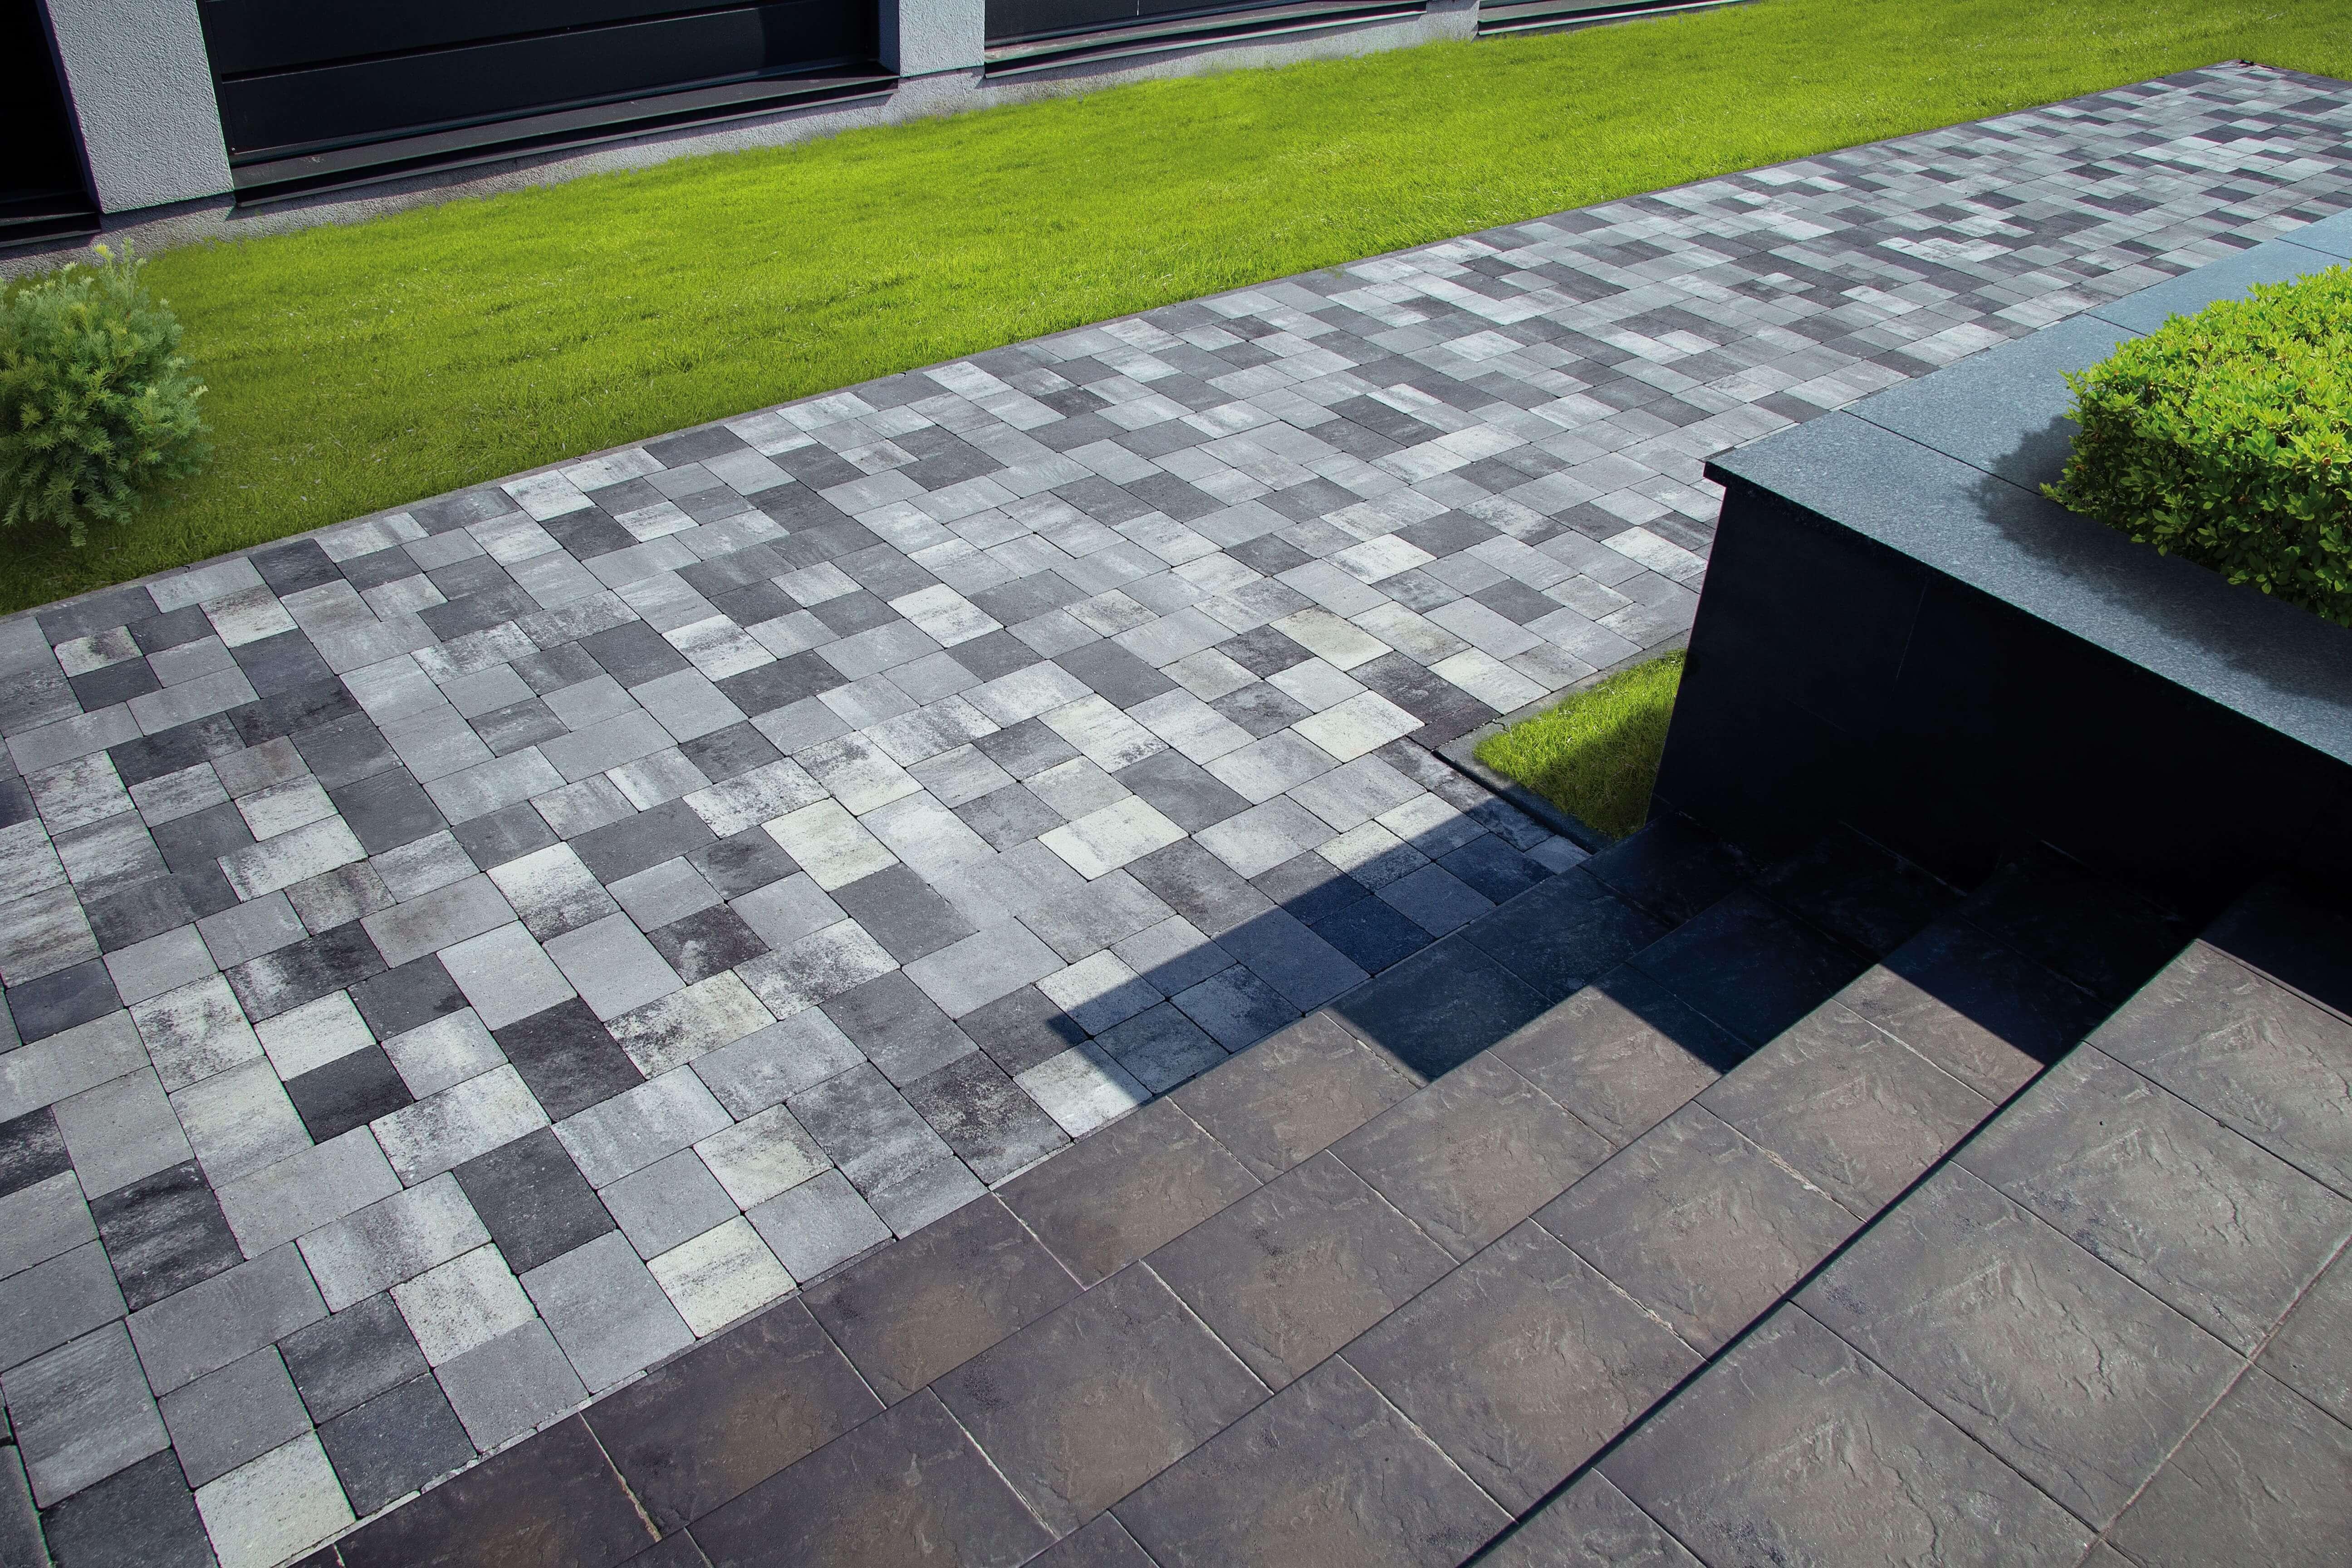 Фото Тротуарна плитка чорно біла у саду. Салон тротуарної плитки Melius